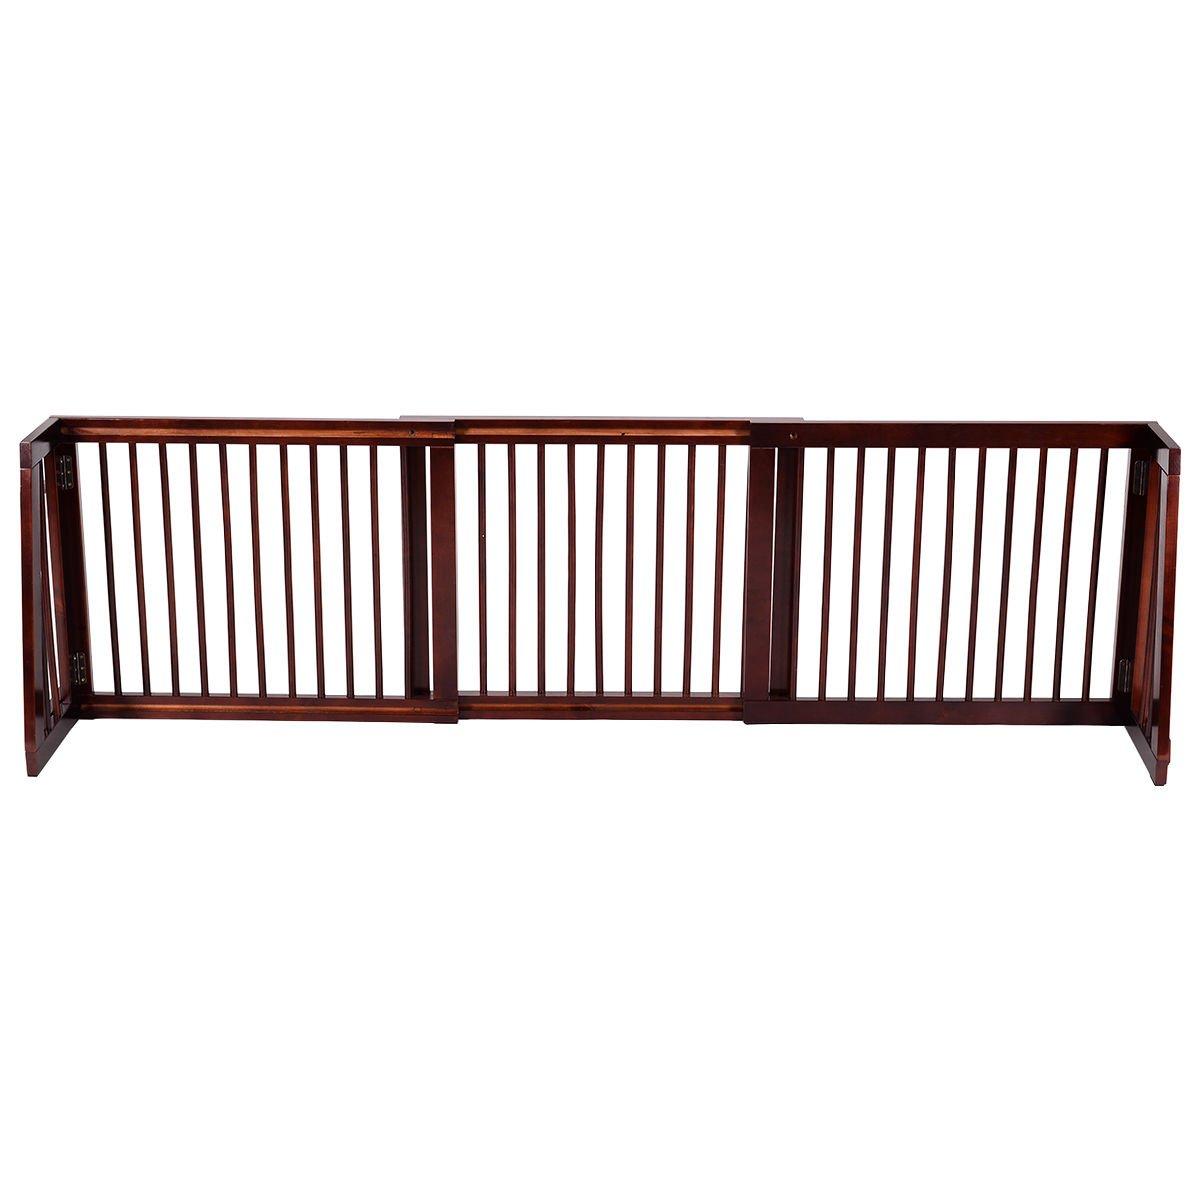 New MTN-G Folding Adjustable Free Standing 3 Panel Wood Pet Dog Slide Gate Safety Fence